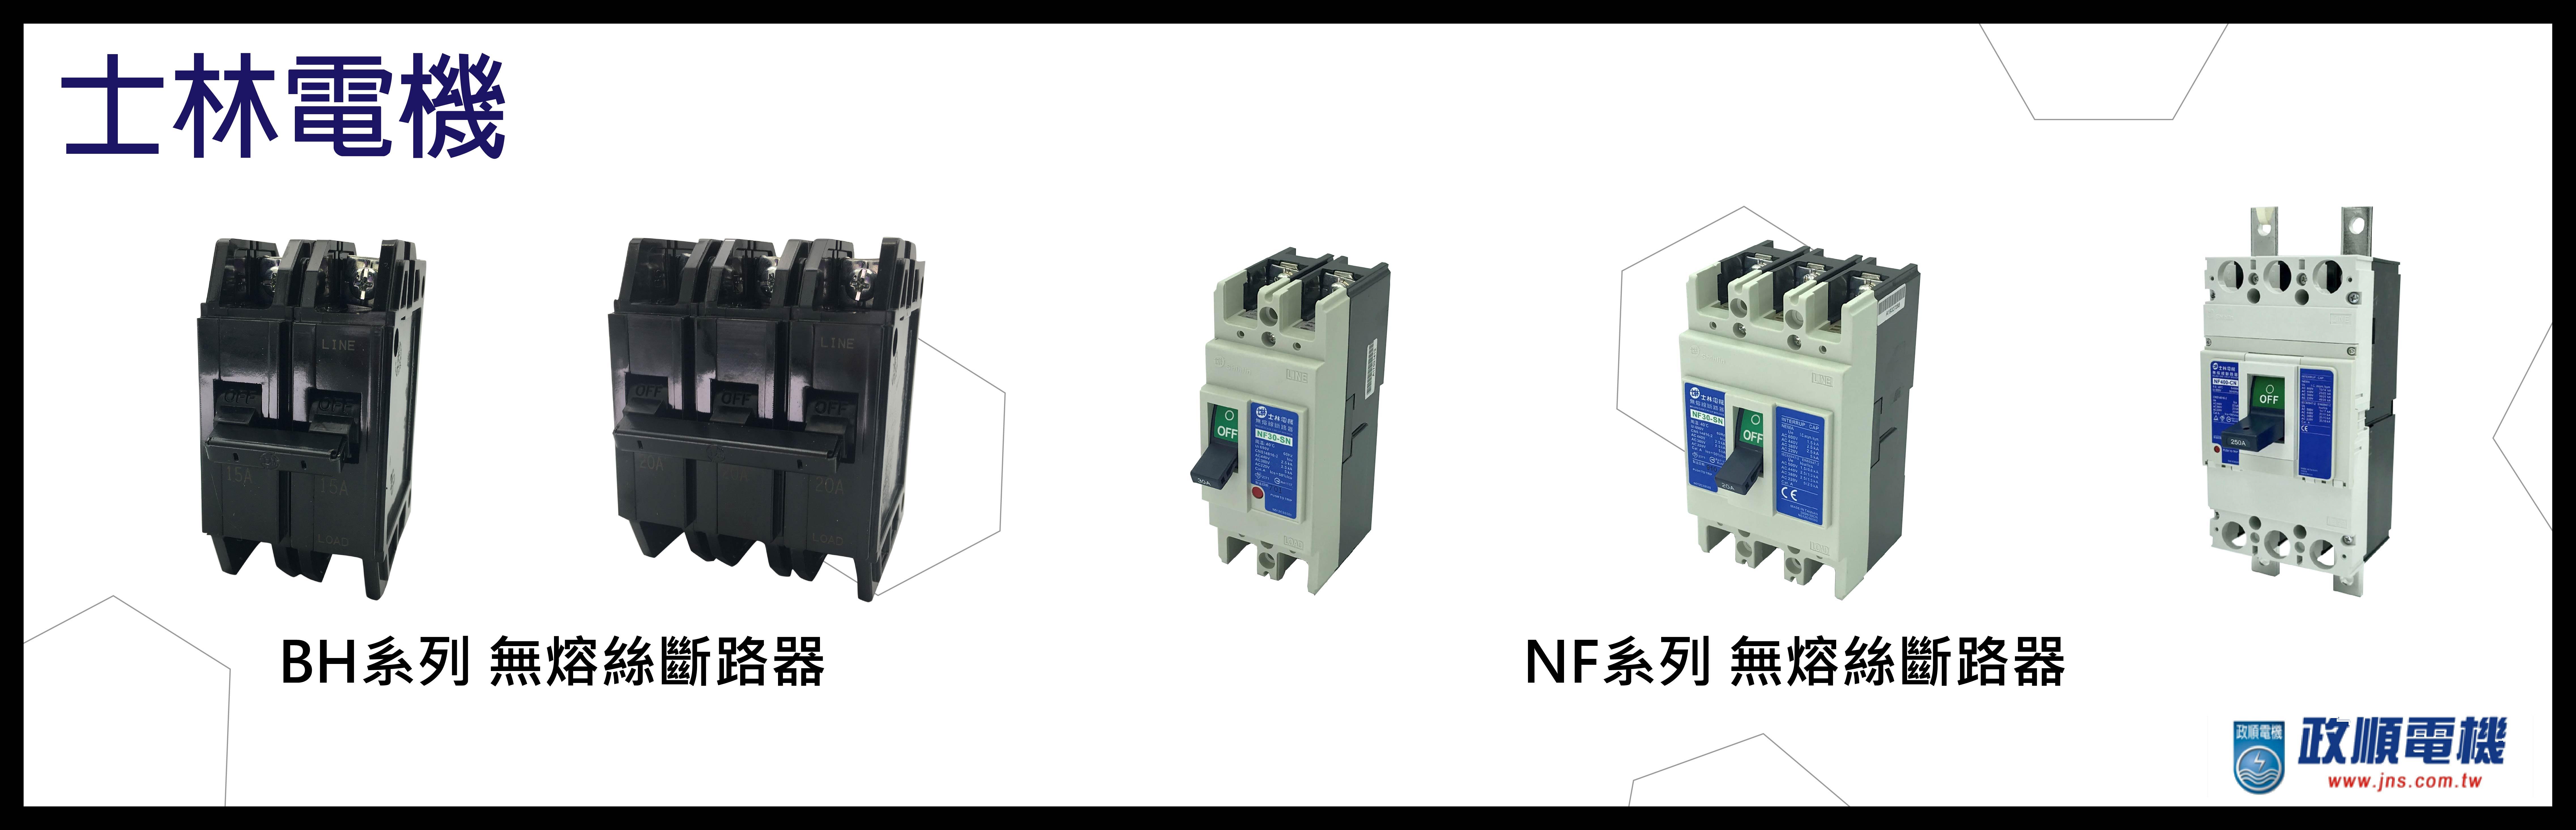 士林電機SHINLIN/無熔絲開關/無熔絲斷路器/無熔線開關/breaker/BH/NF/2P/3P/政順電機